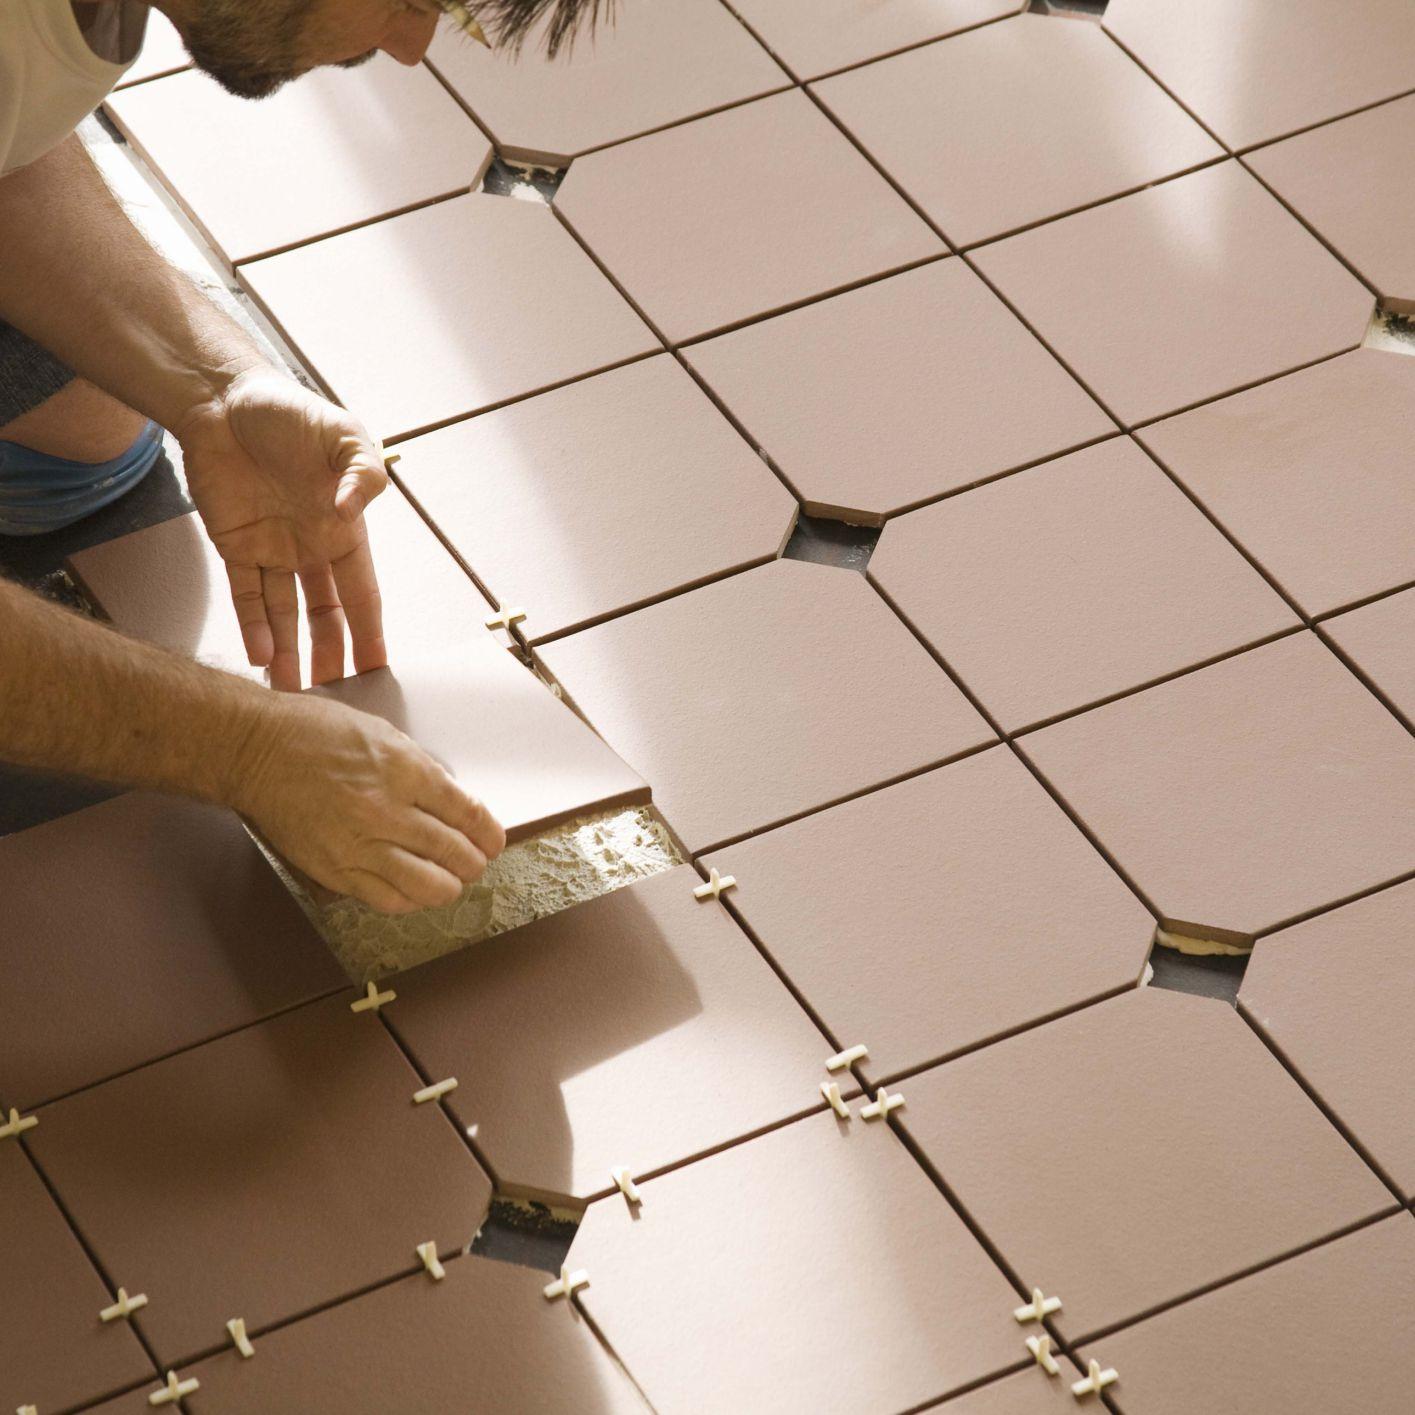 floating tile flooring ready for